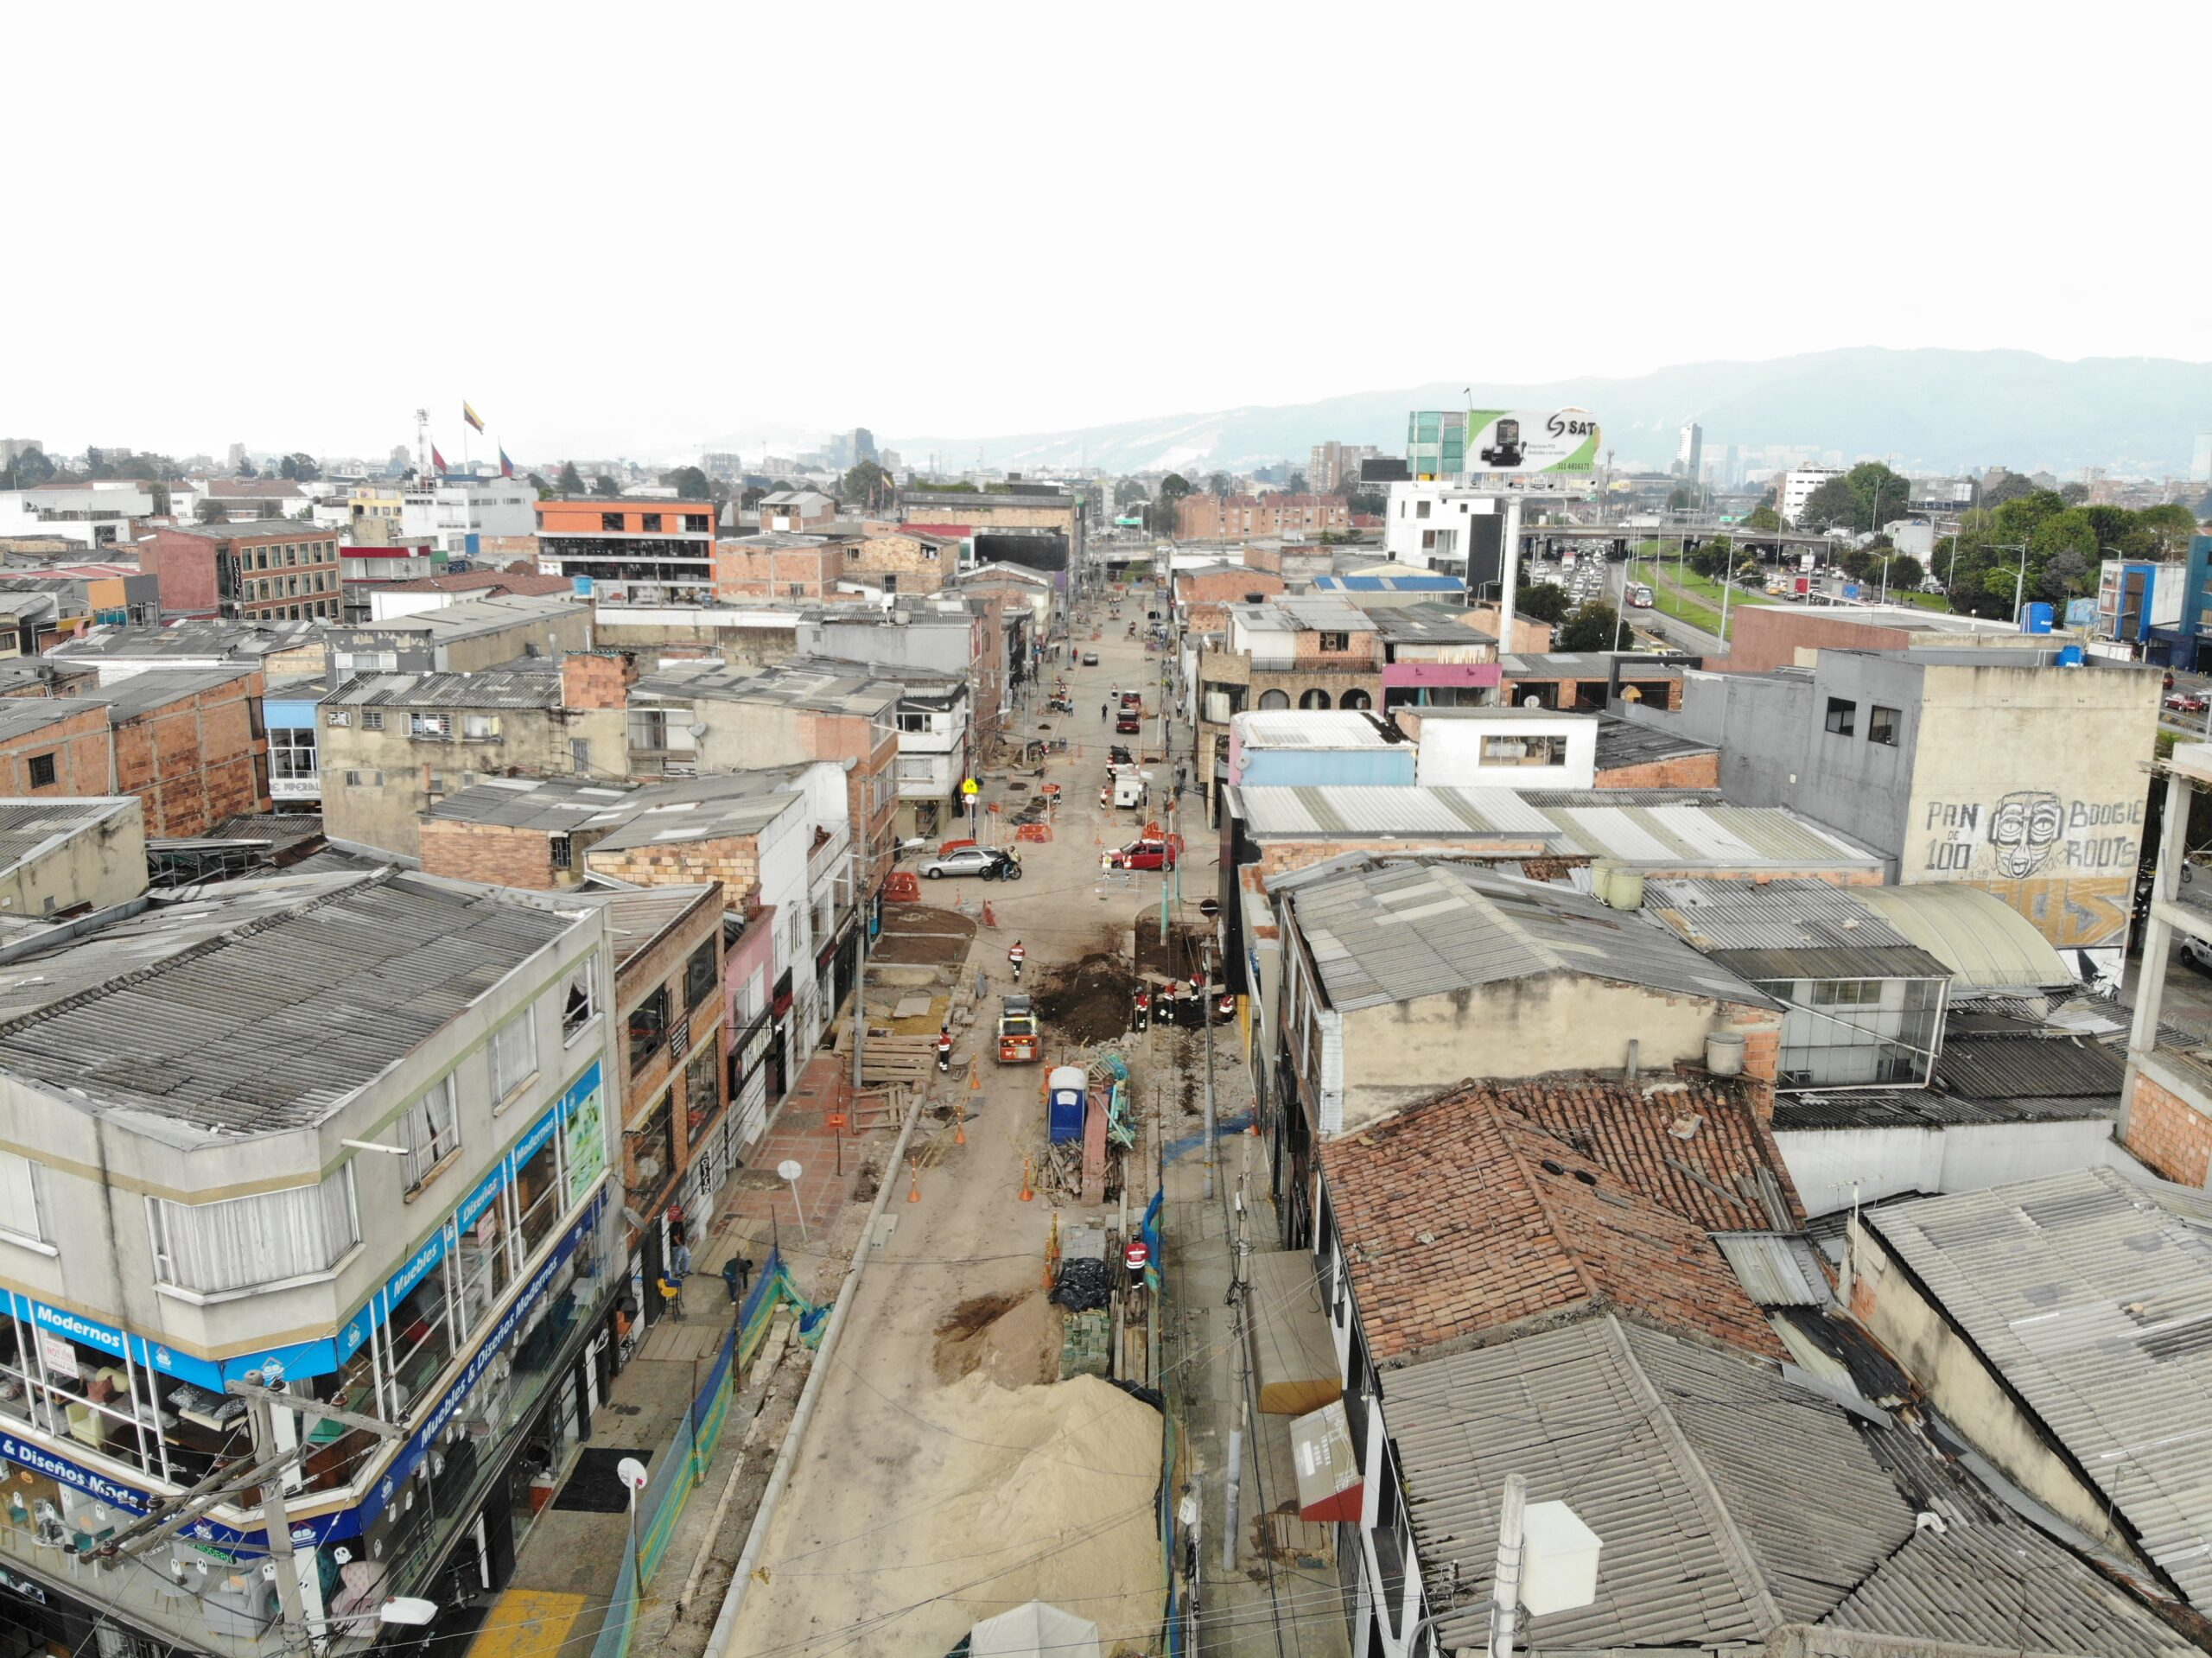 Calles Comerciales en Barrios Unidos beneficiarán a medio millón de personas